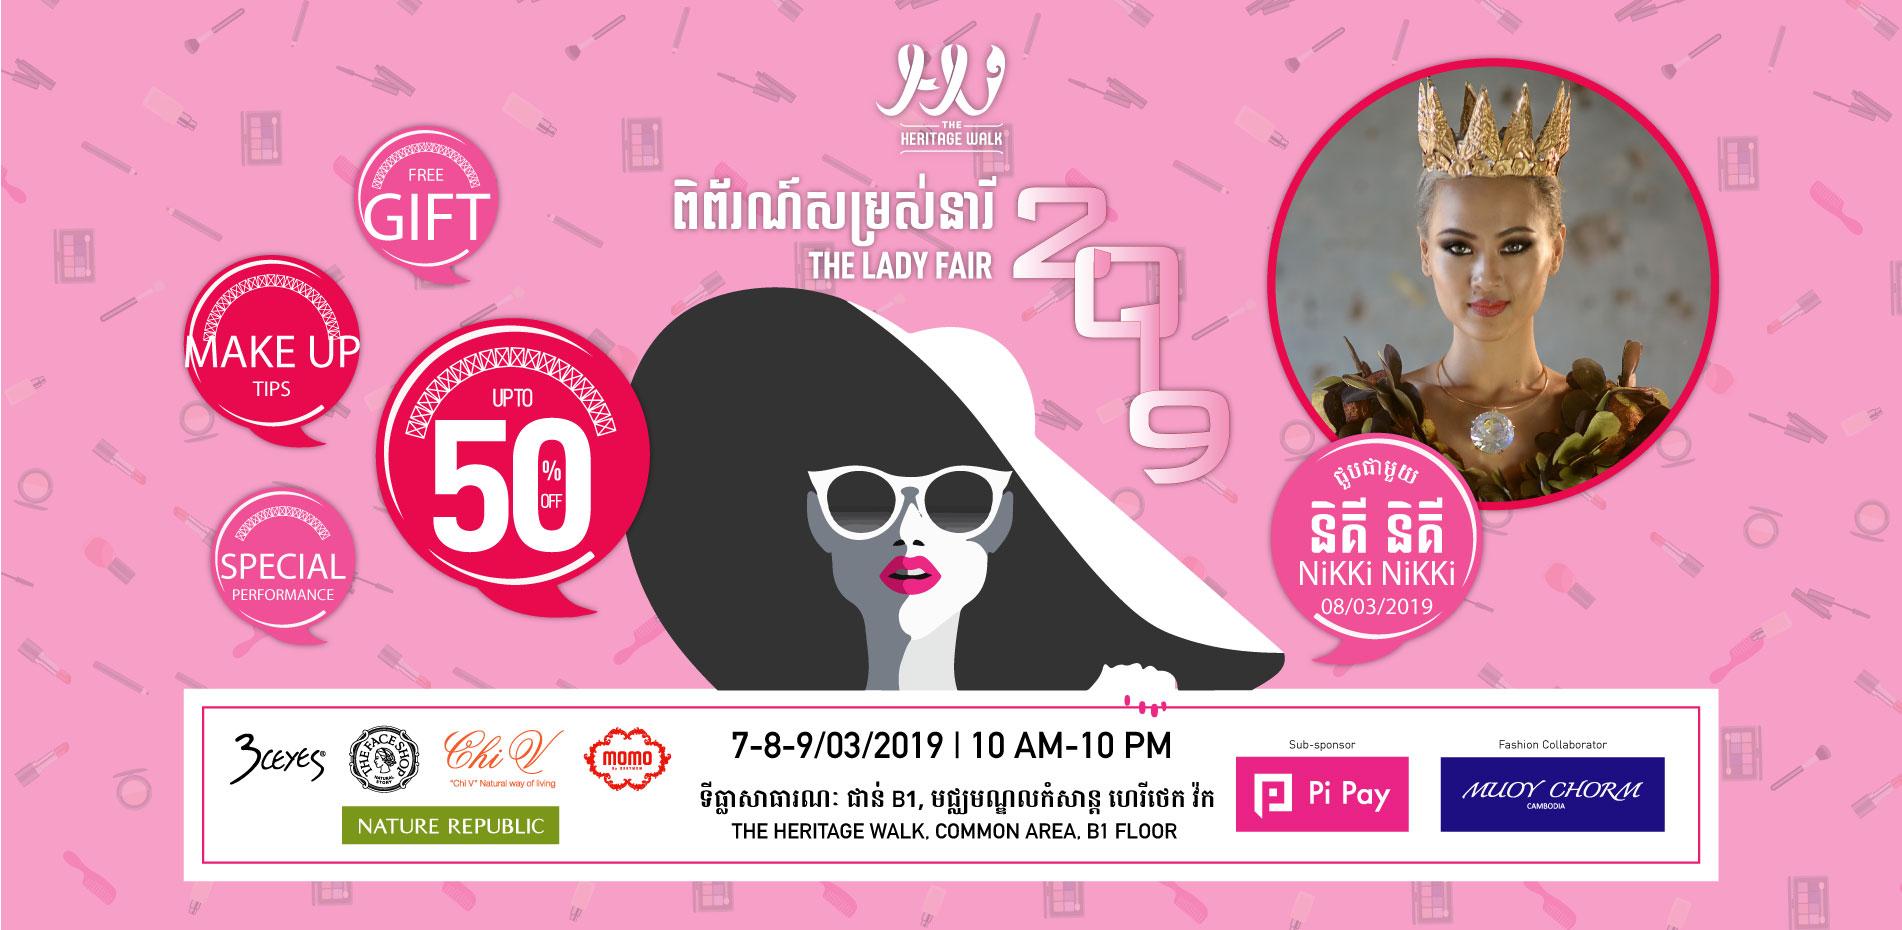 The Lady Fair 2019